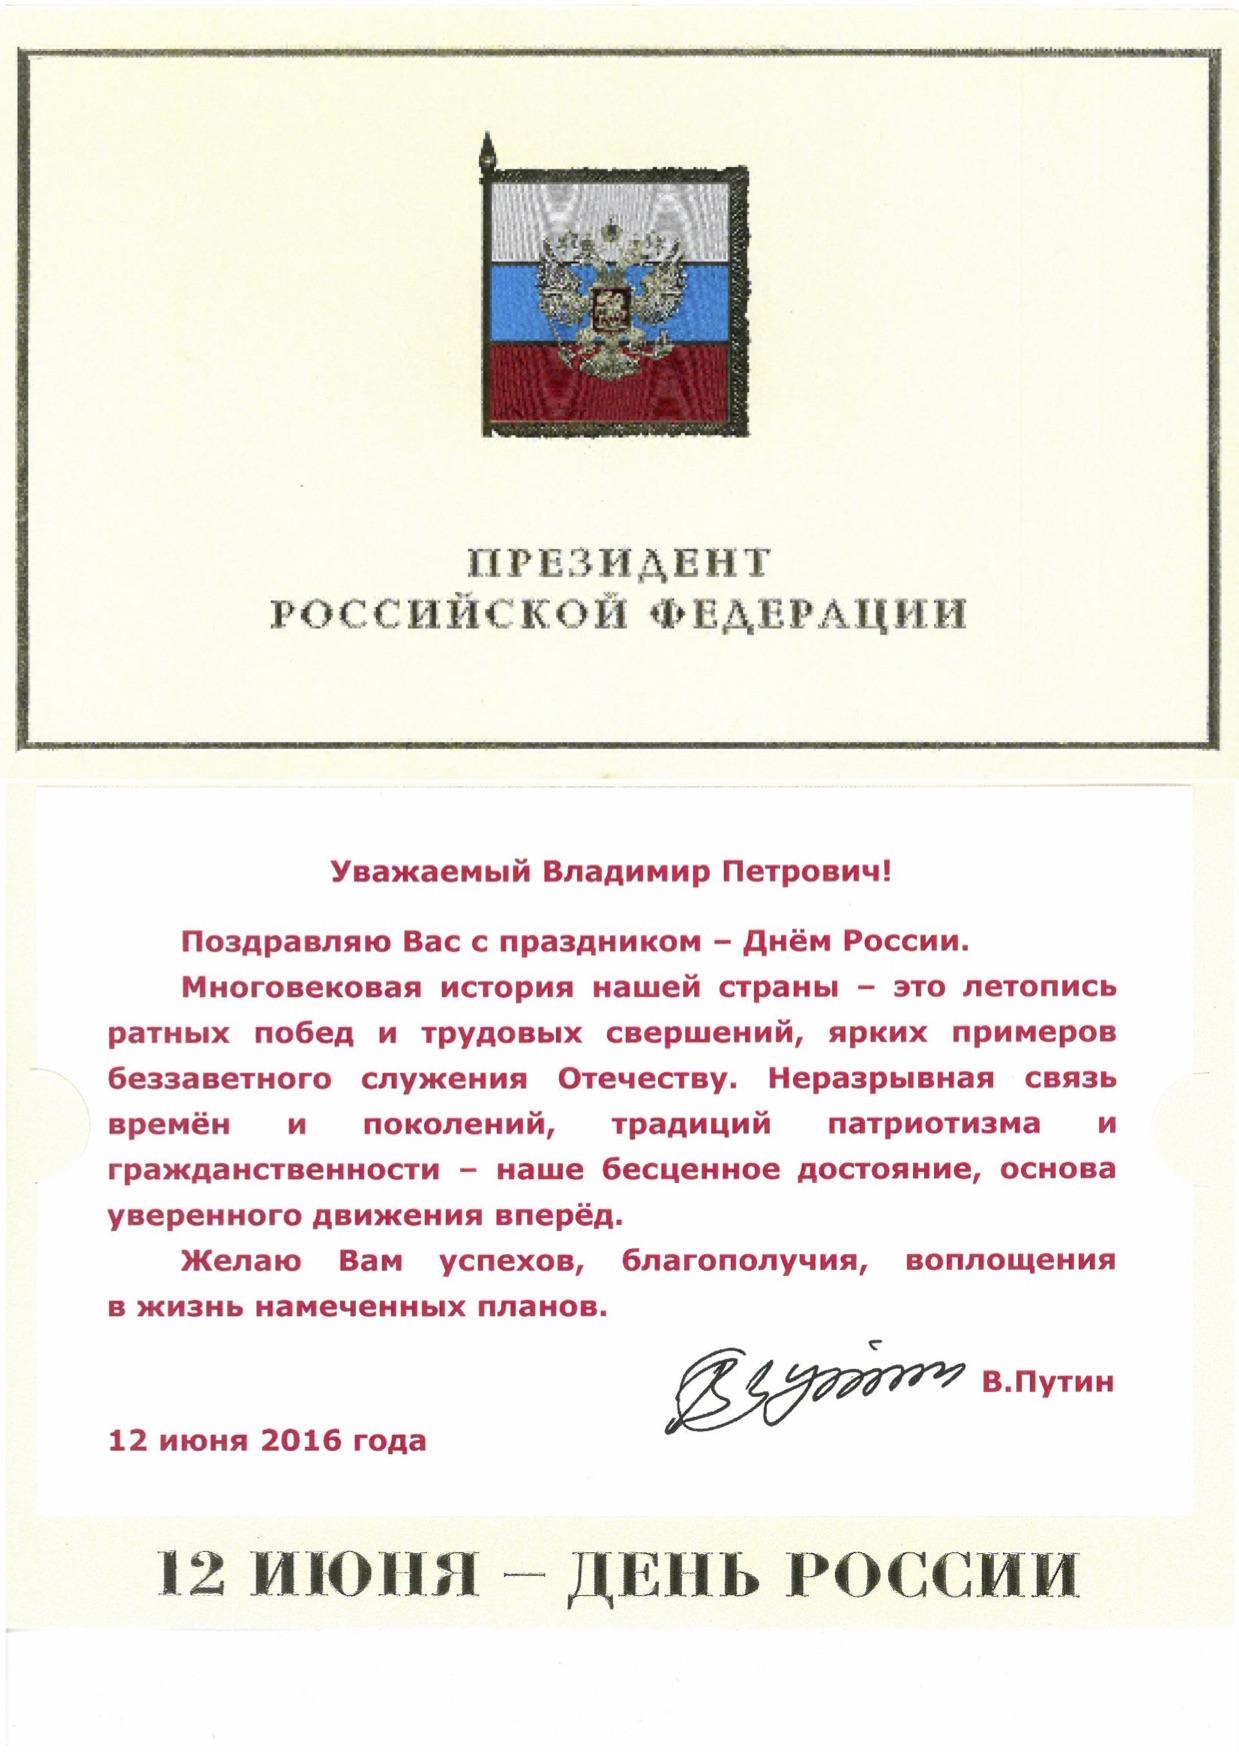 Президент Российской Федерации Владимир Путин поздравил президента Паралимпийского комитета России Владимира Лукина с Днем России